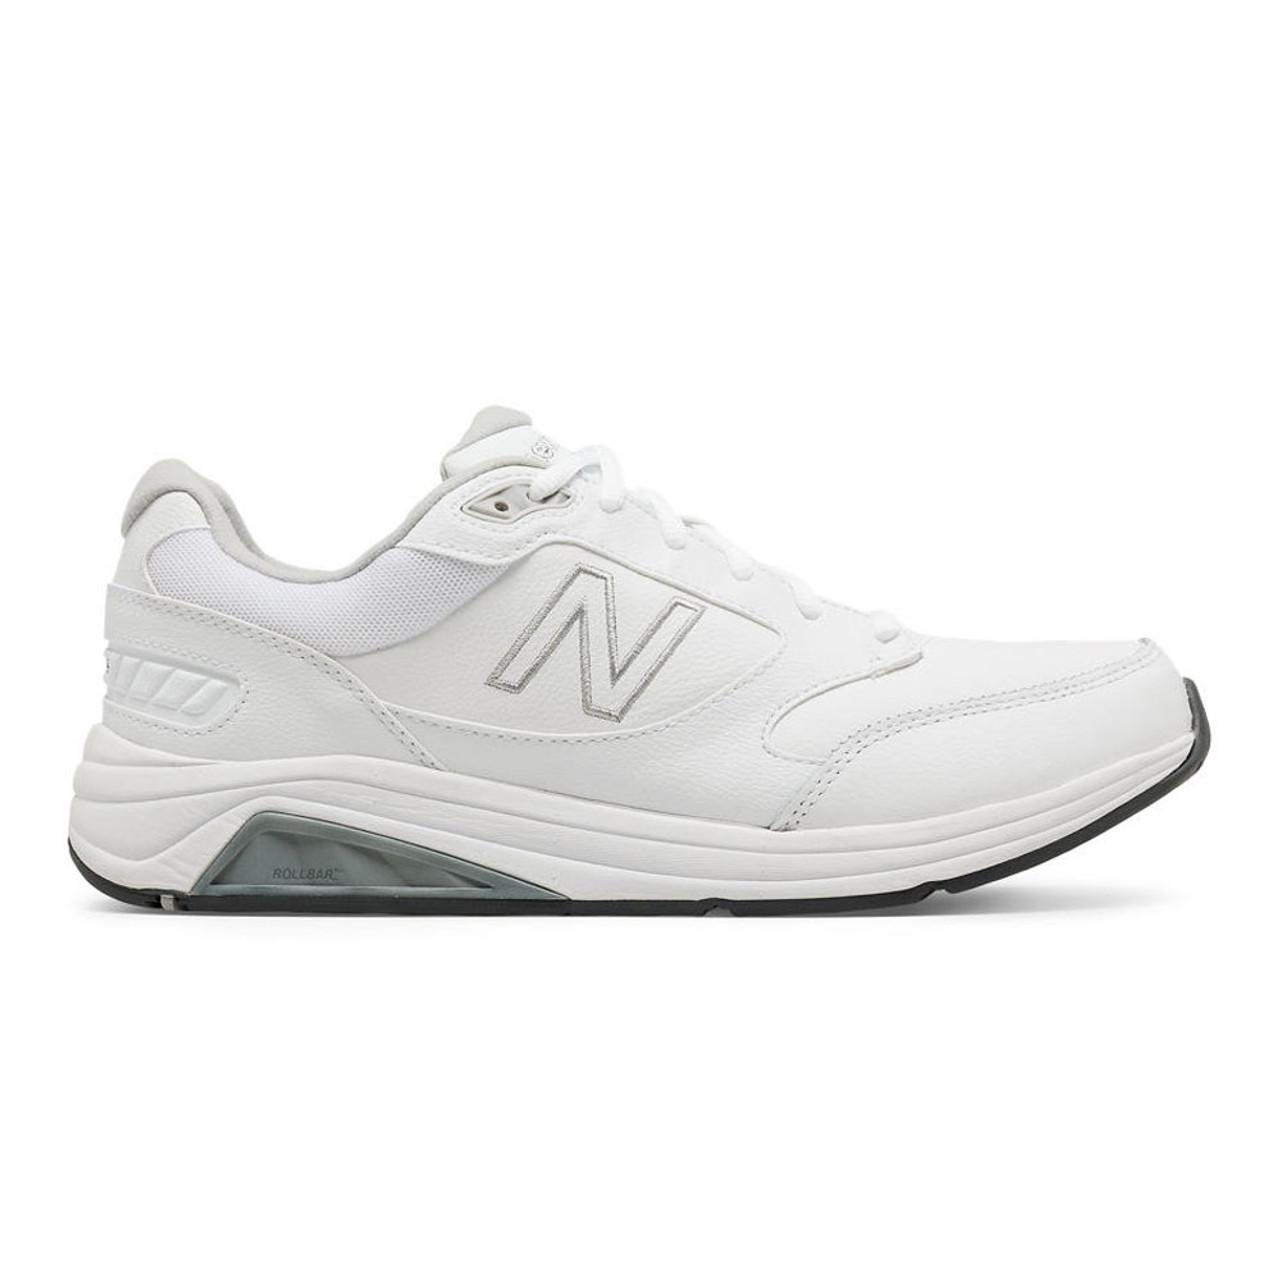 New Balance 928v3 Men's Walking - White Leather